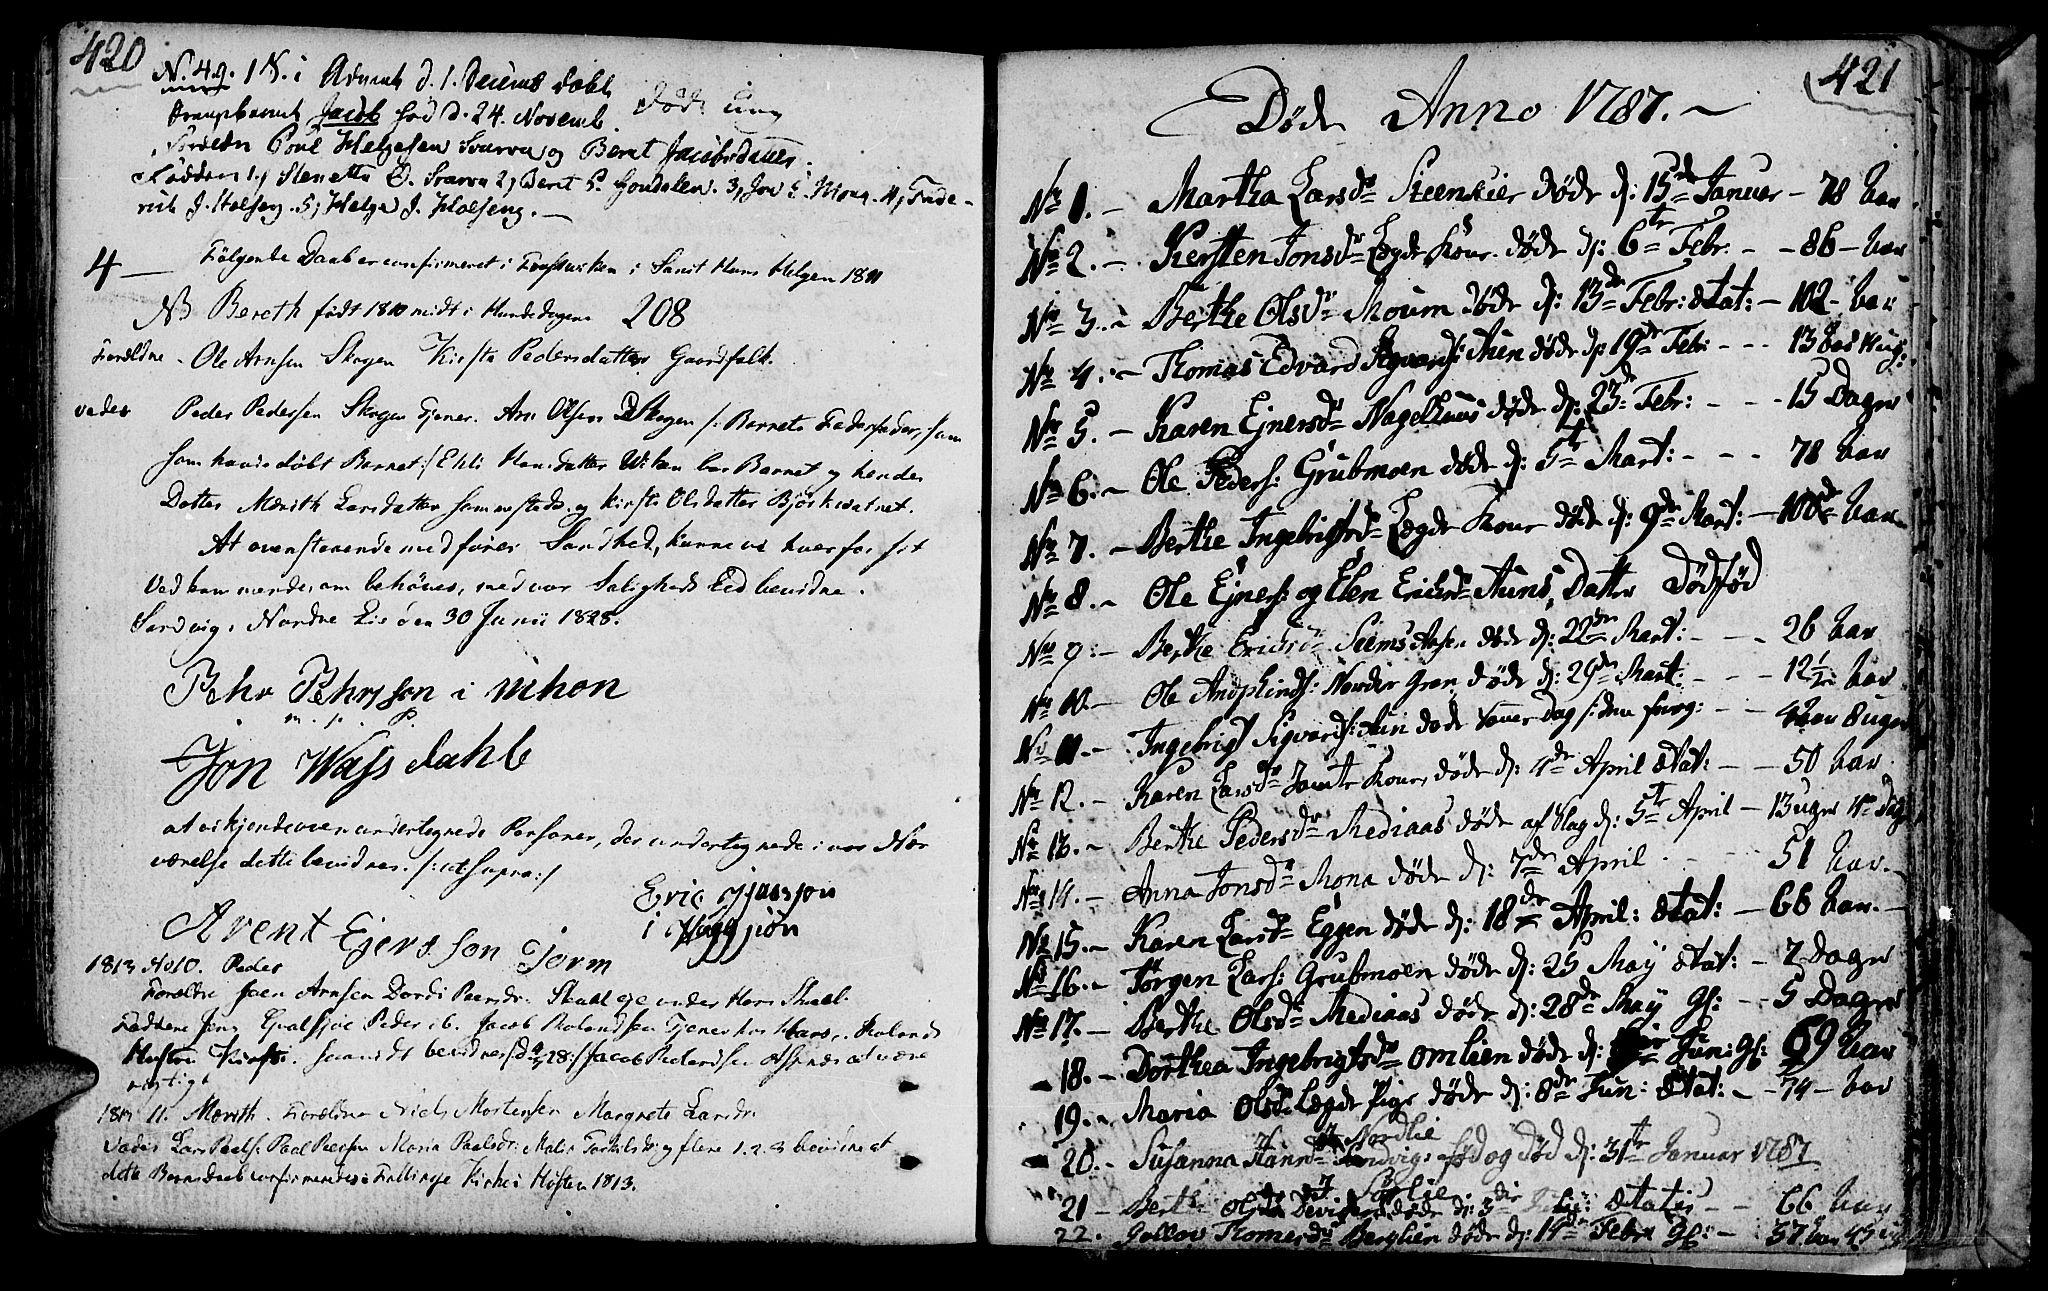 SAT, Ministerialprotokoller, klokkerbøker og fødselsregistre - Nord-Trøndelag, 749/L0468: Ministerialbok nr. 749A02, 1787-1817, s. 420-421